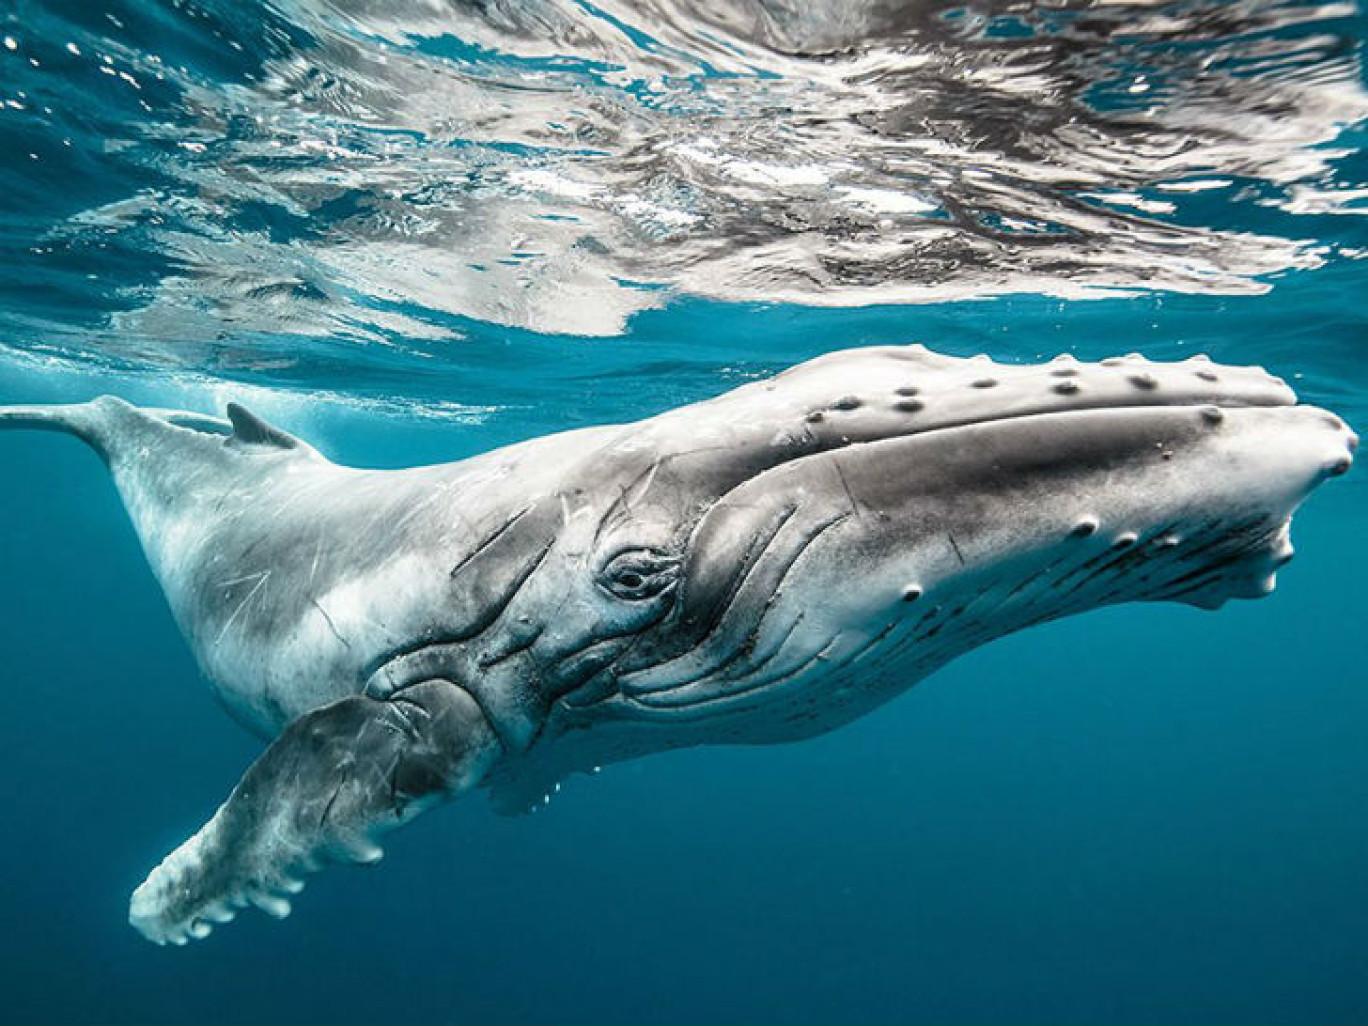 Член кита фото 21 фотография